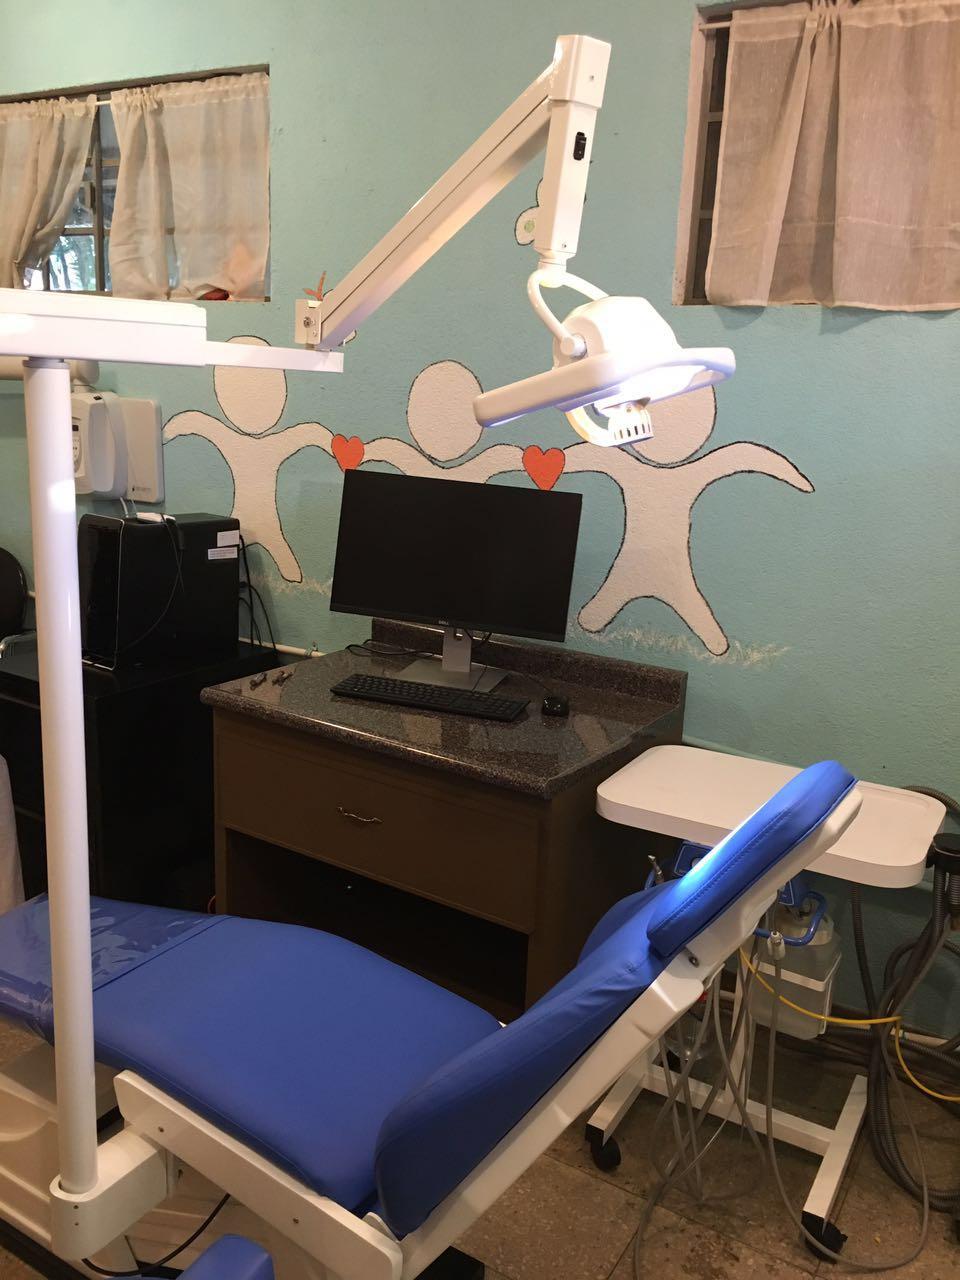 Dental set-up